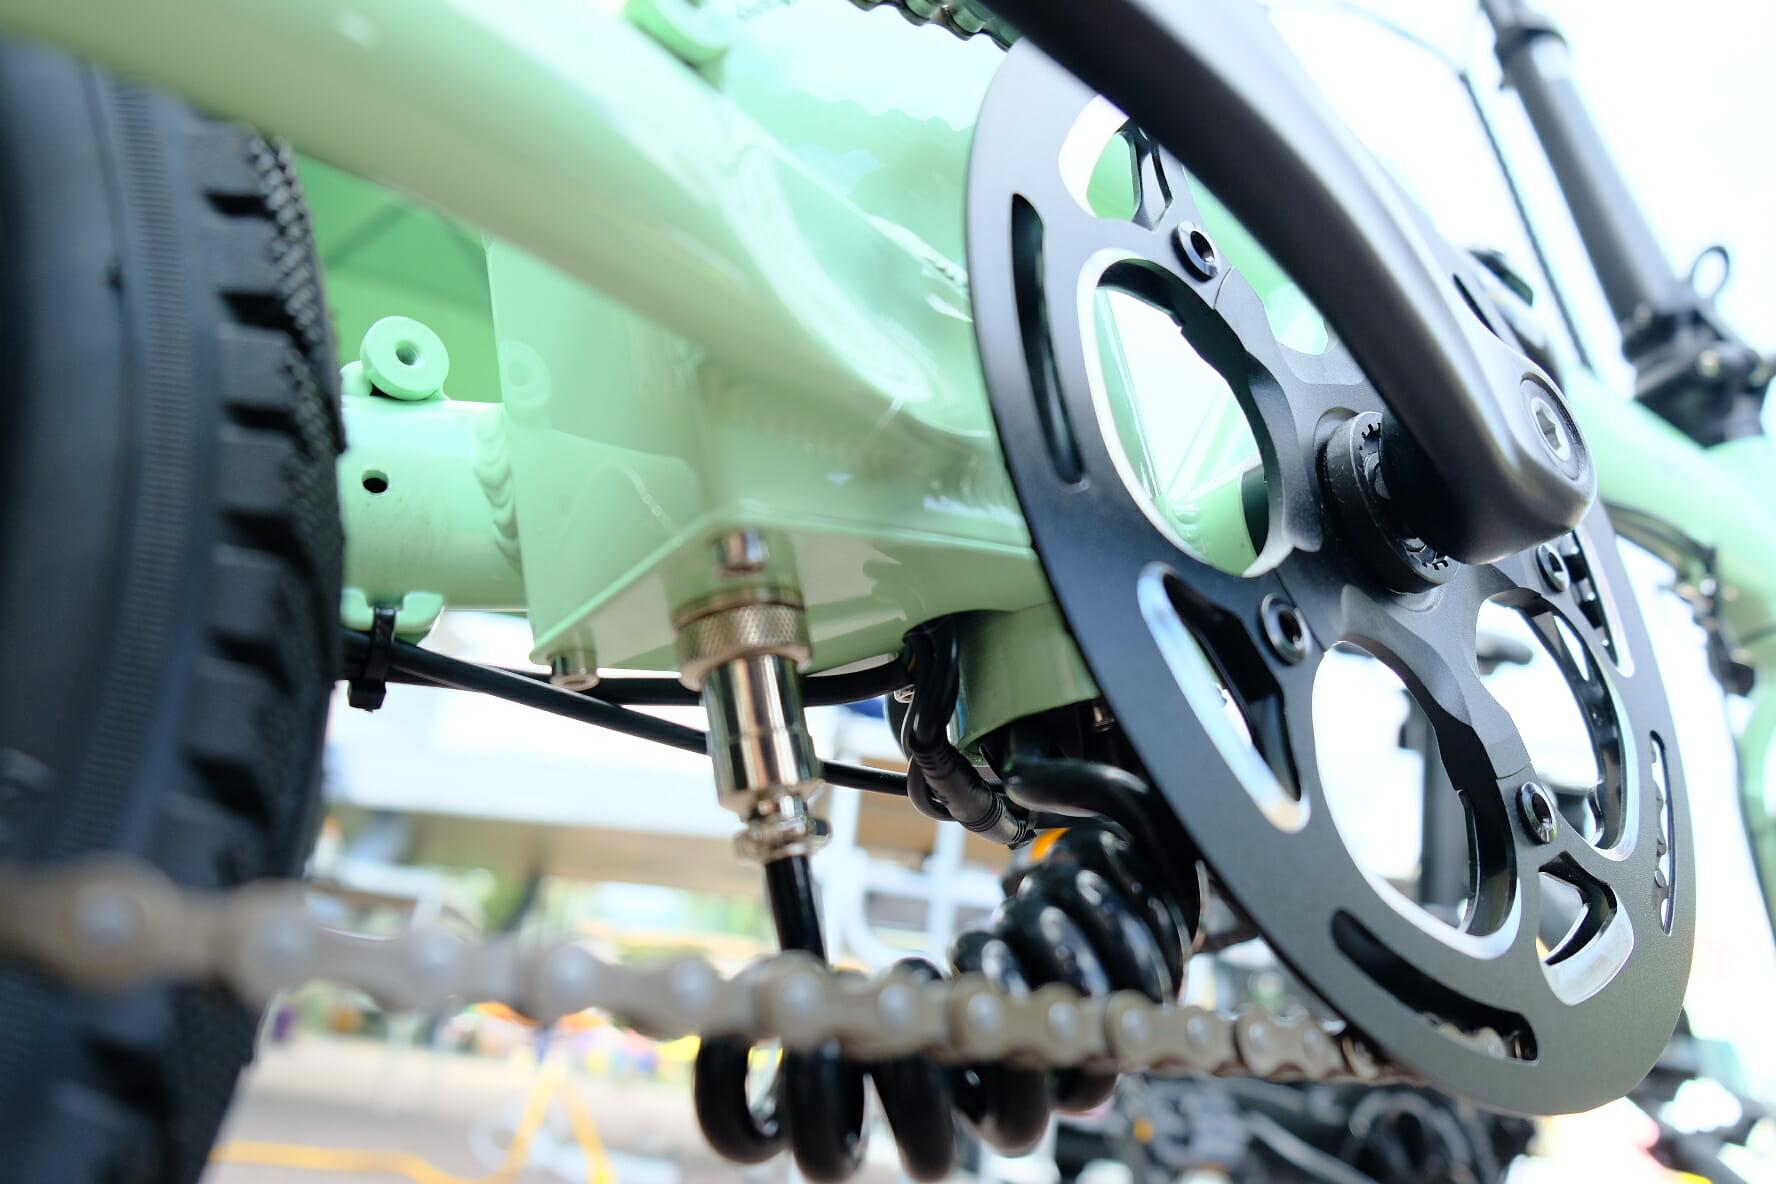 シートポスト下部からモーターへは、電源ケーブルを繋げる形。